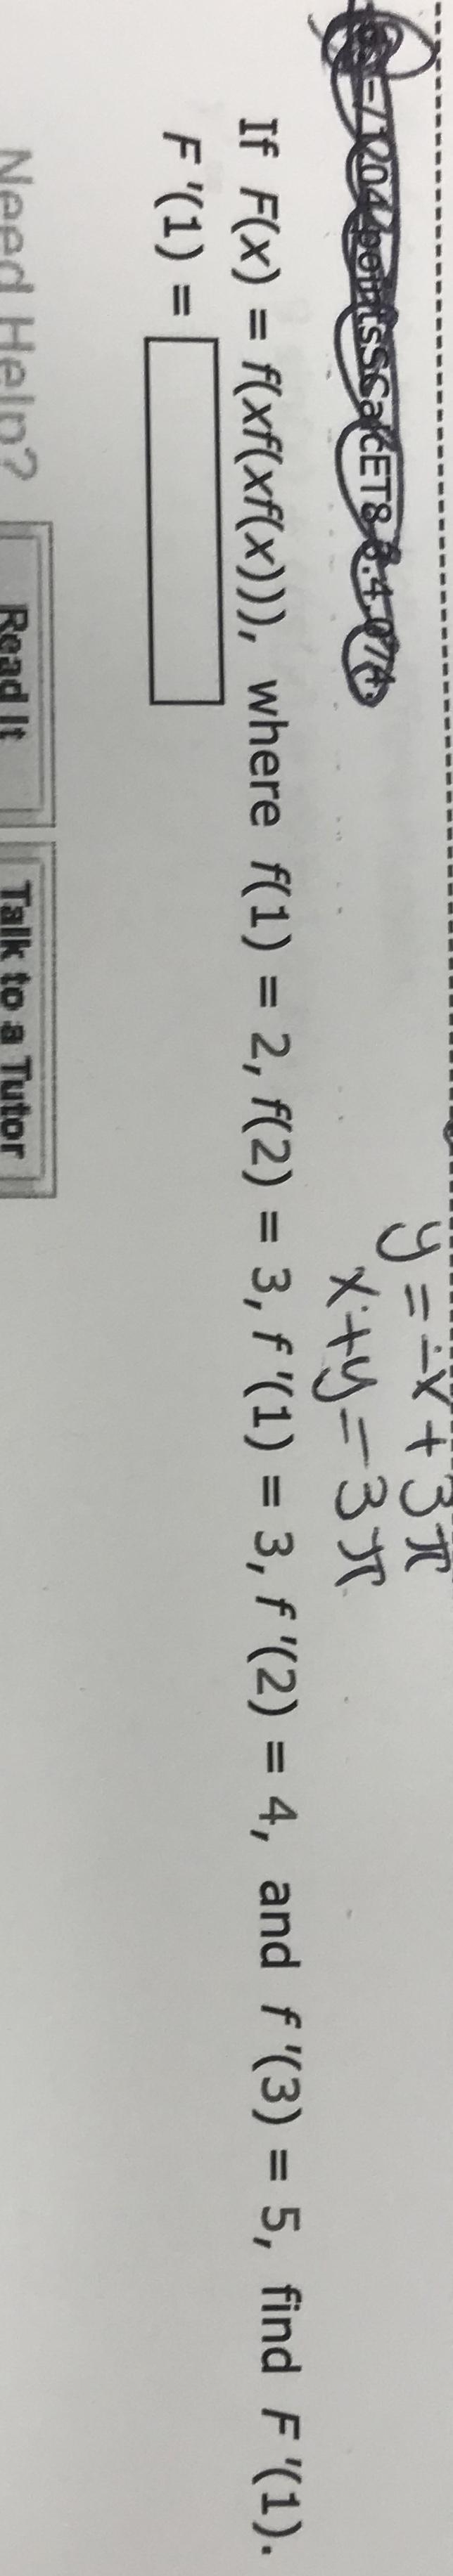 ET If Fx) xf(xf(x))), where f(1) - 2, f(2) 3, f '(1) 3, f '(2) 4, and f (3) 5, find F (1). Need Heln? Read It to a